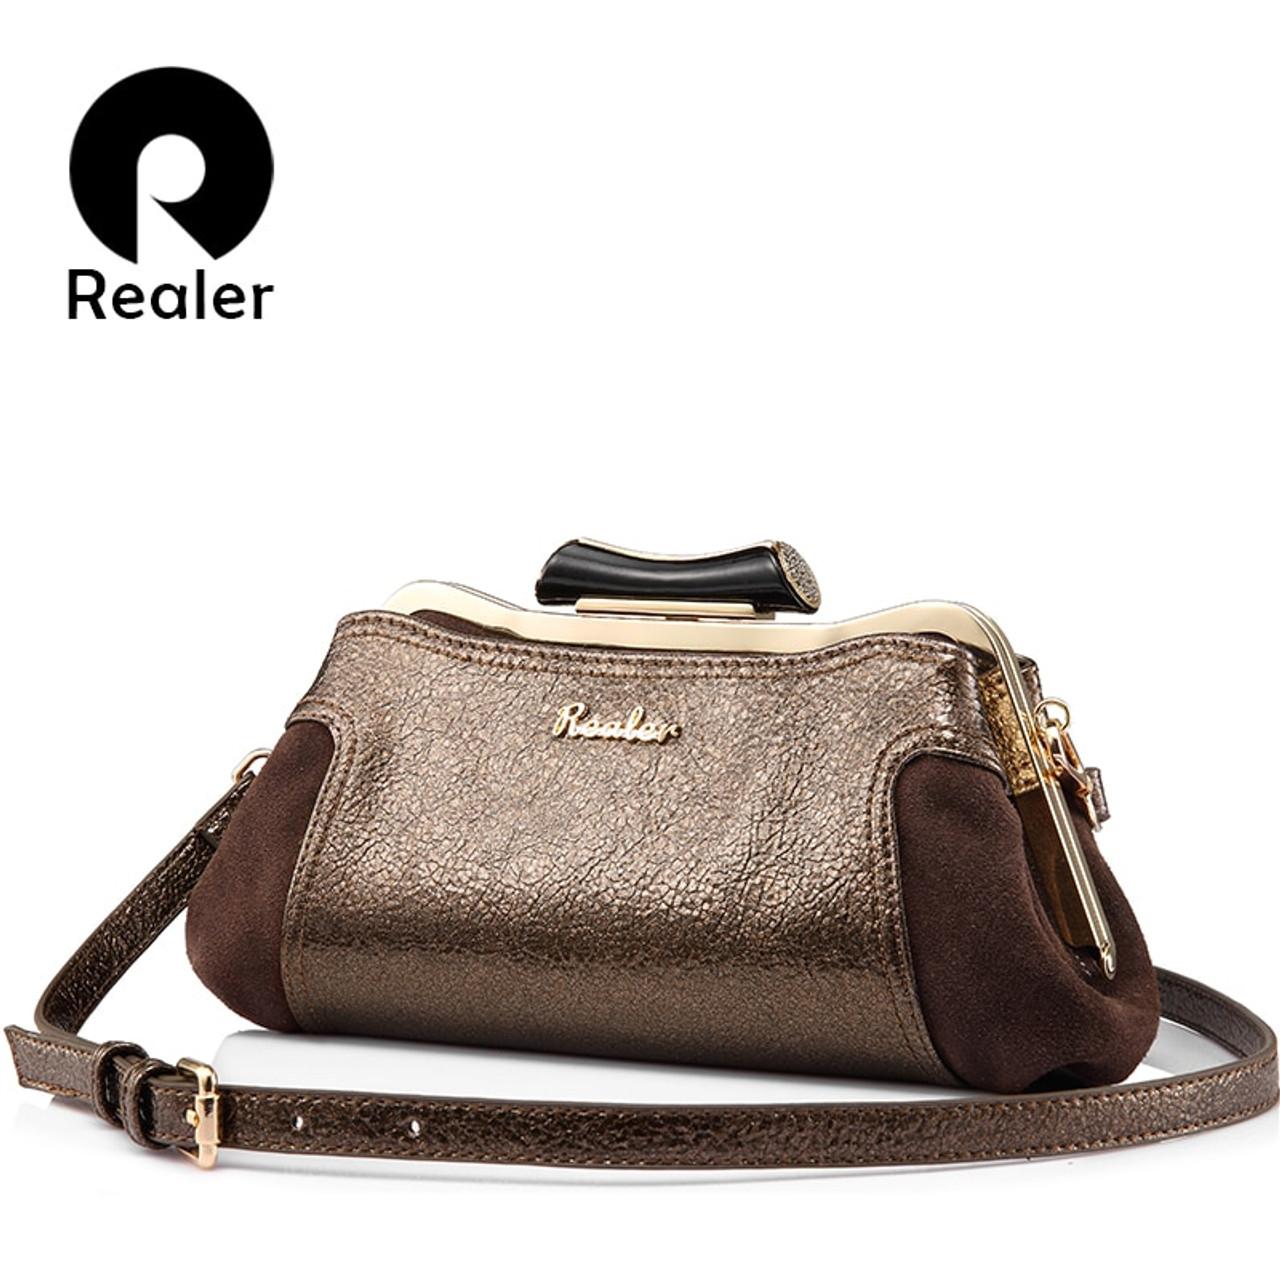 a046562f858e REALER women messenger bags small clutch high quality PU leather ladies shoulder  crossbody bag fashion retro evening bag female - OnshopDeals.Com